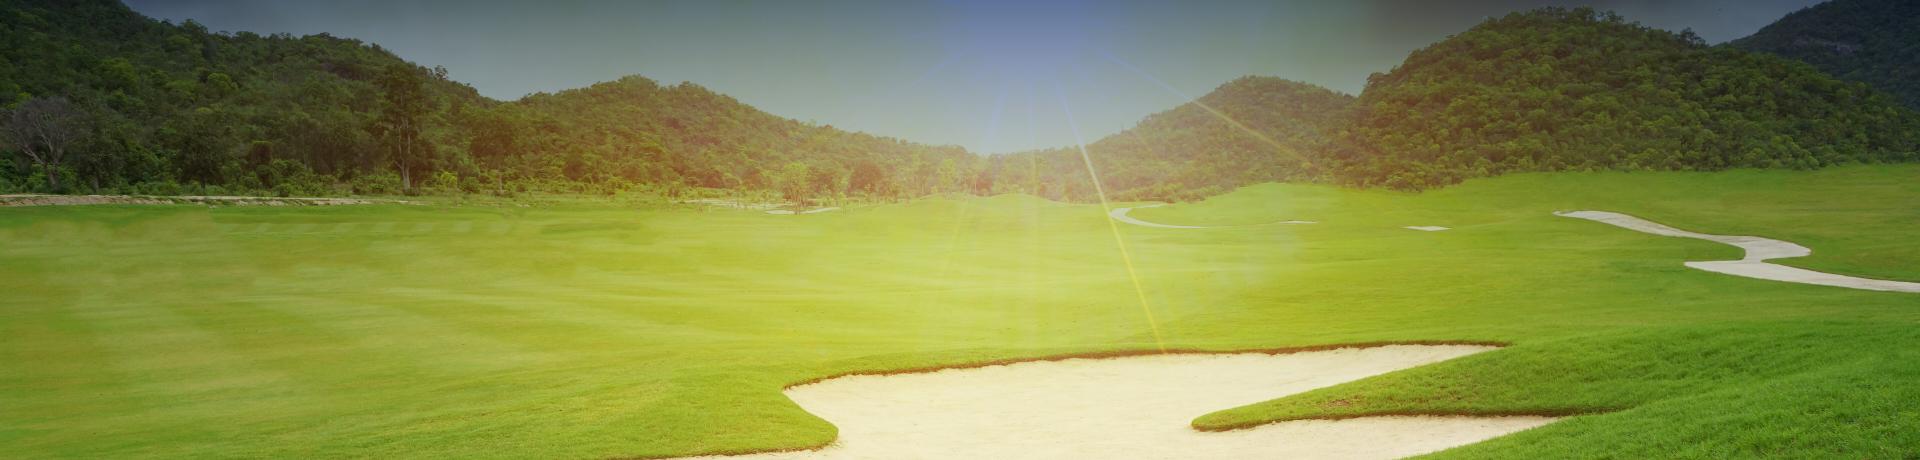 infinity-golf-partner-header